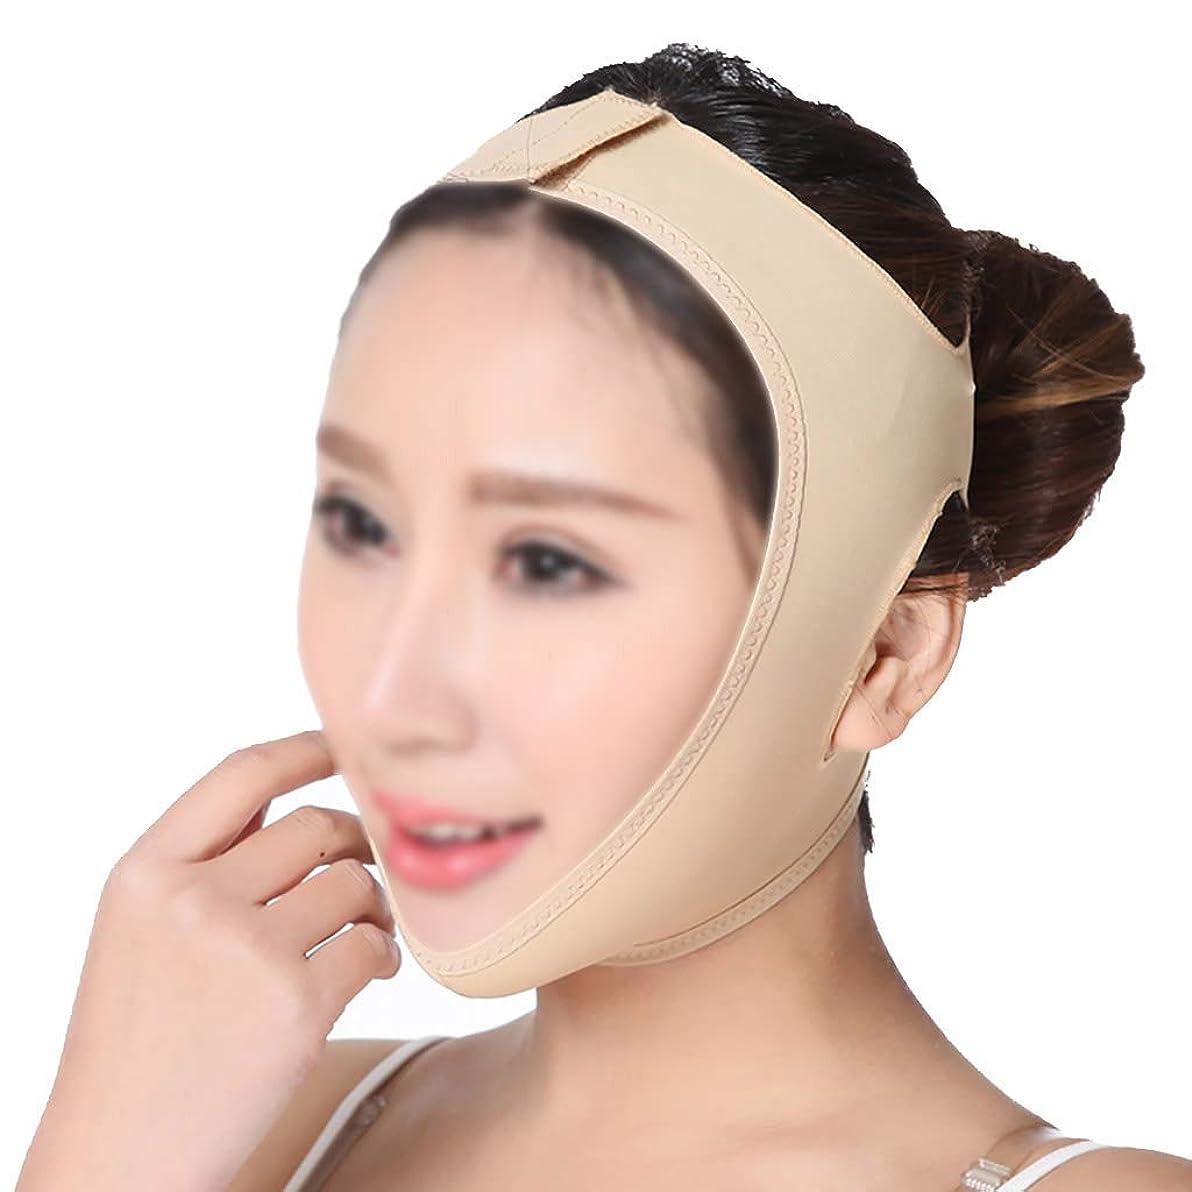 生活施設容量フェイスリフティング包帯、Vフェイスインストゥルメントフェイスマスクアーティファクト引き締めマスク手動フェイシャルマッサージ通気性肌のトーン(サイズ:M)